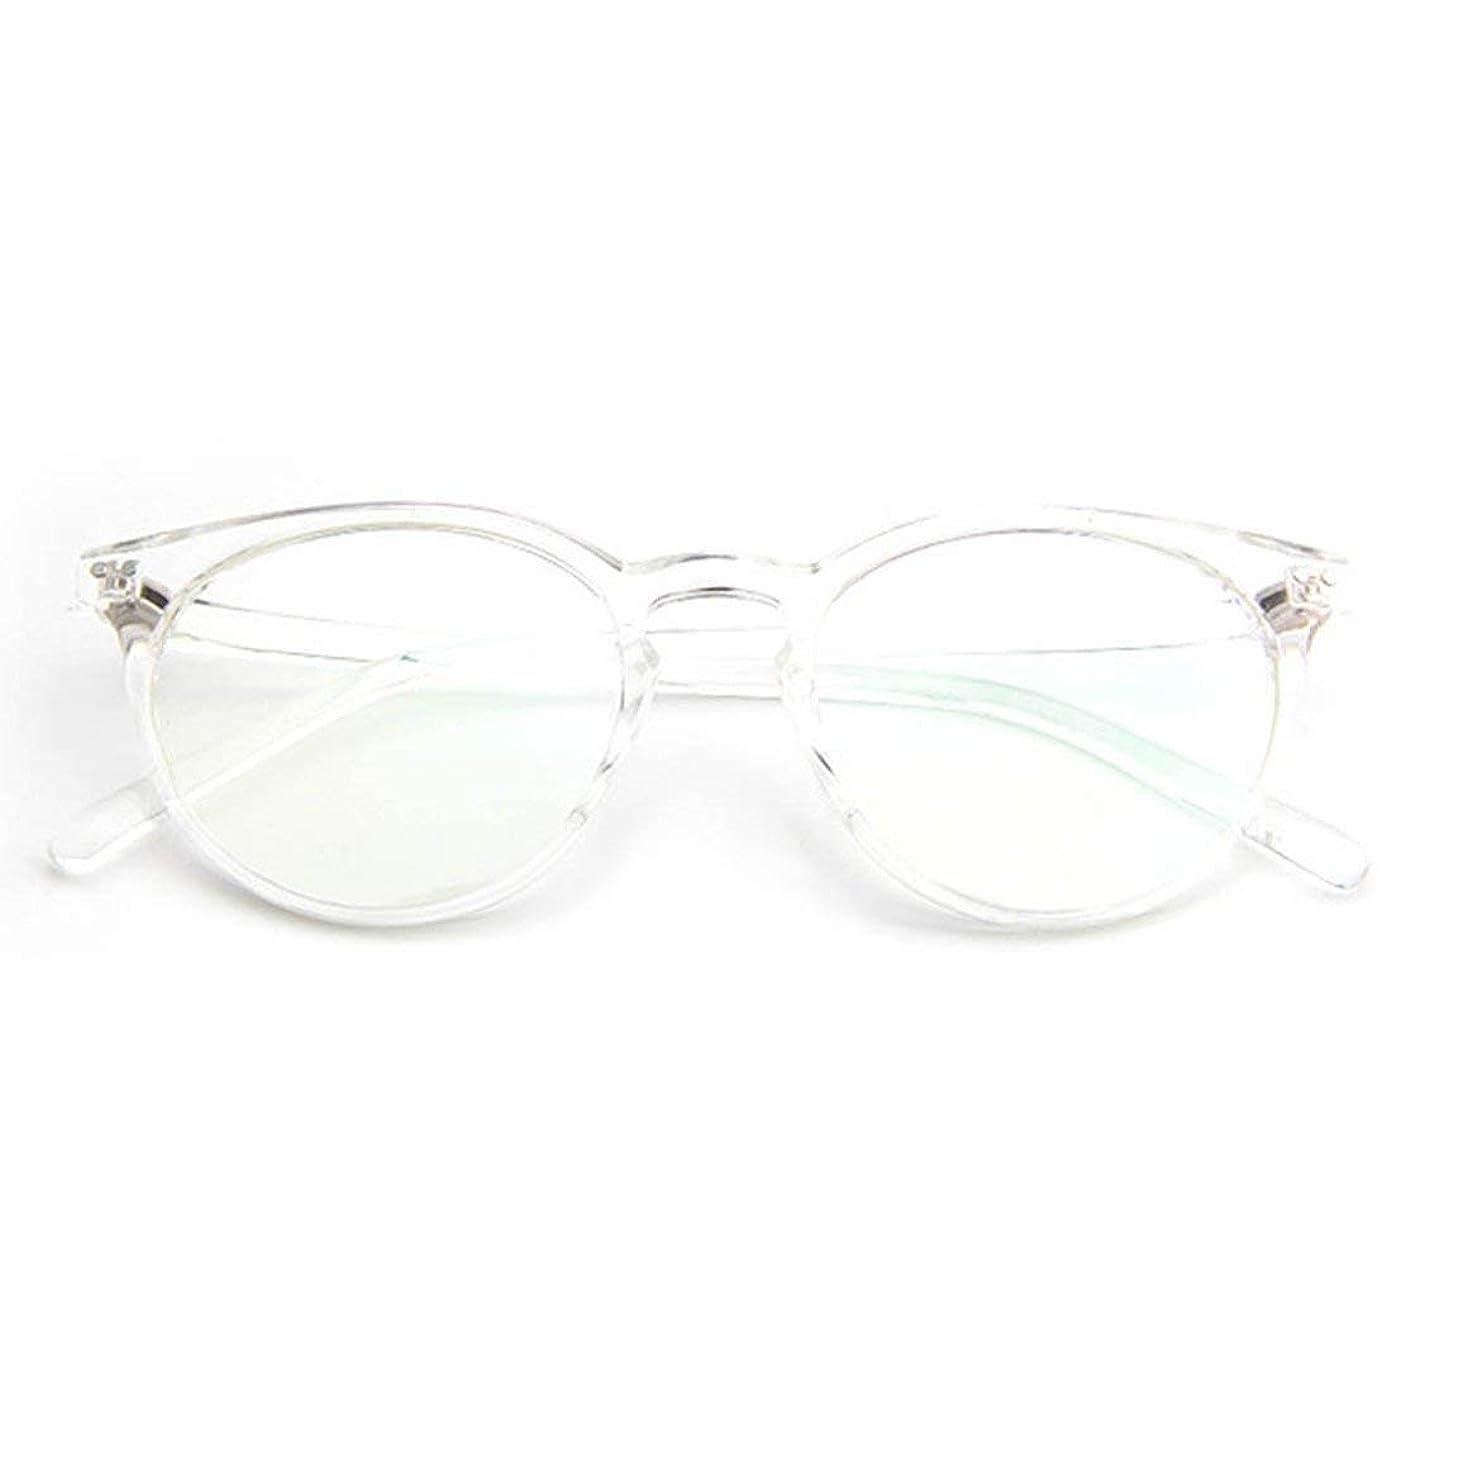 マイナー水素無能小さな新鮮な米ネイルフレームレンズレトロ古風な円形フレームファッションフレーム男性用近視眼鏡女性-透明な白